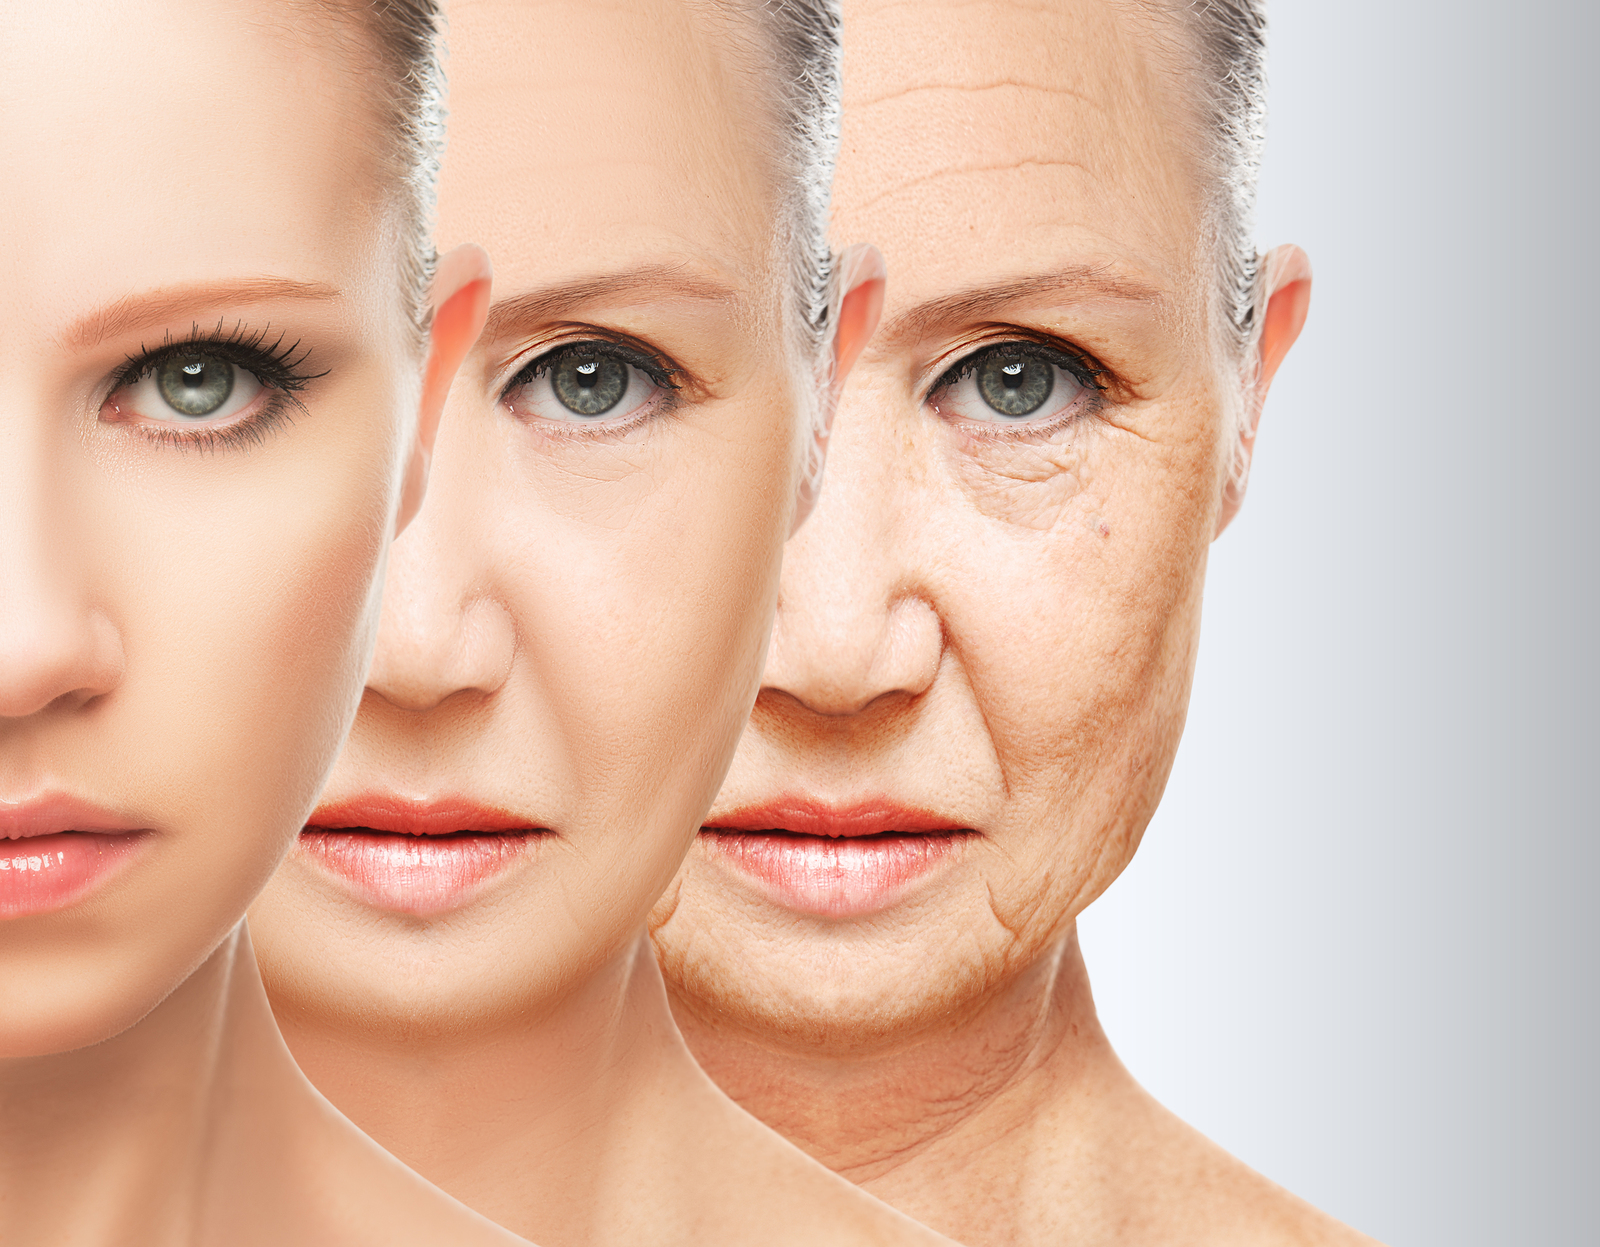 جراحات الوجه التجميلية